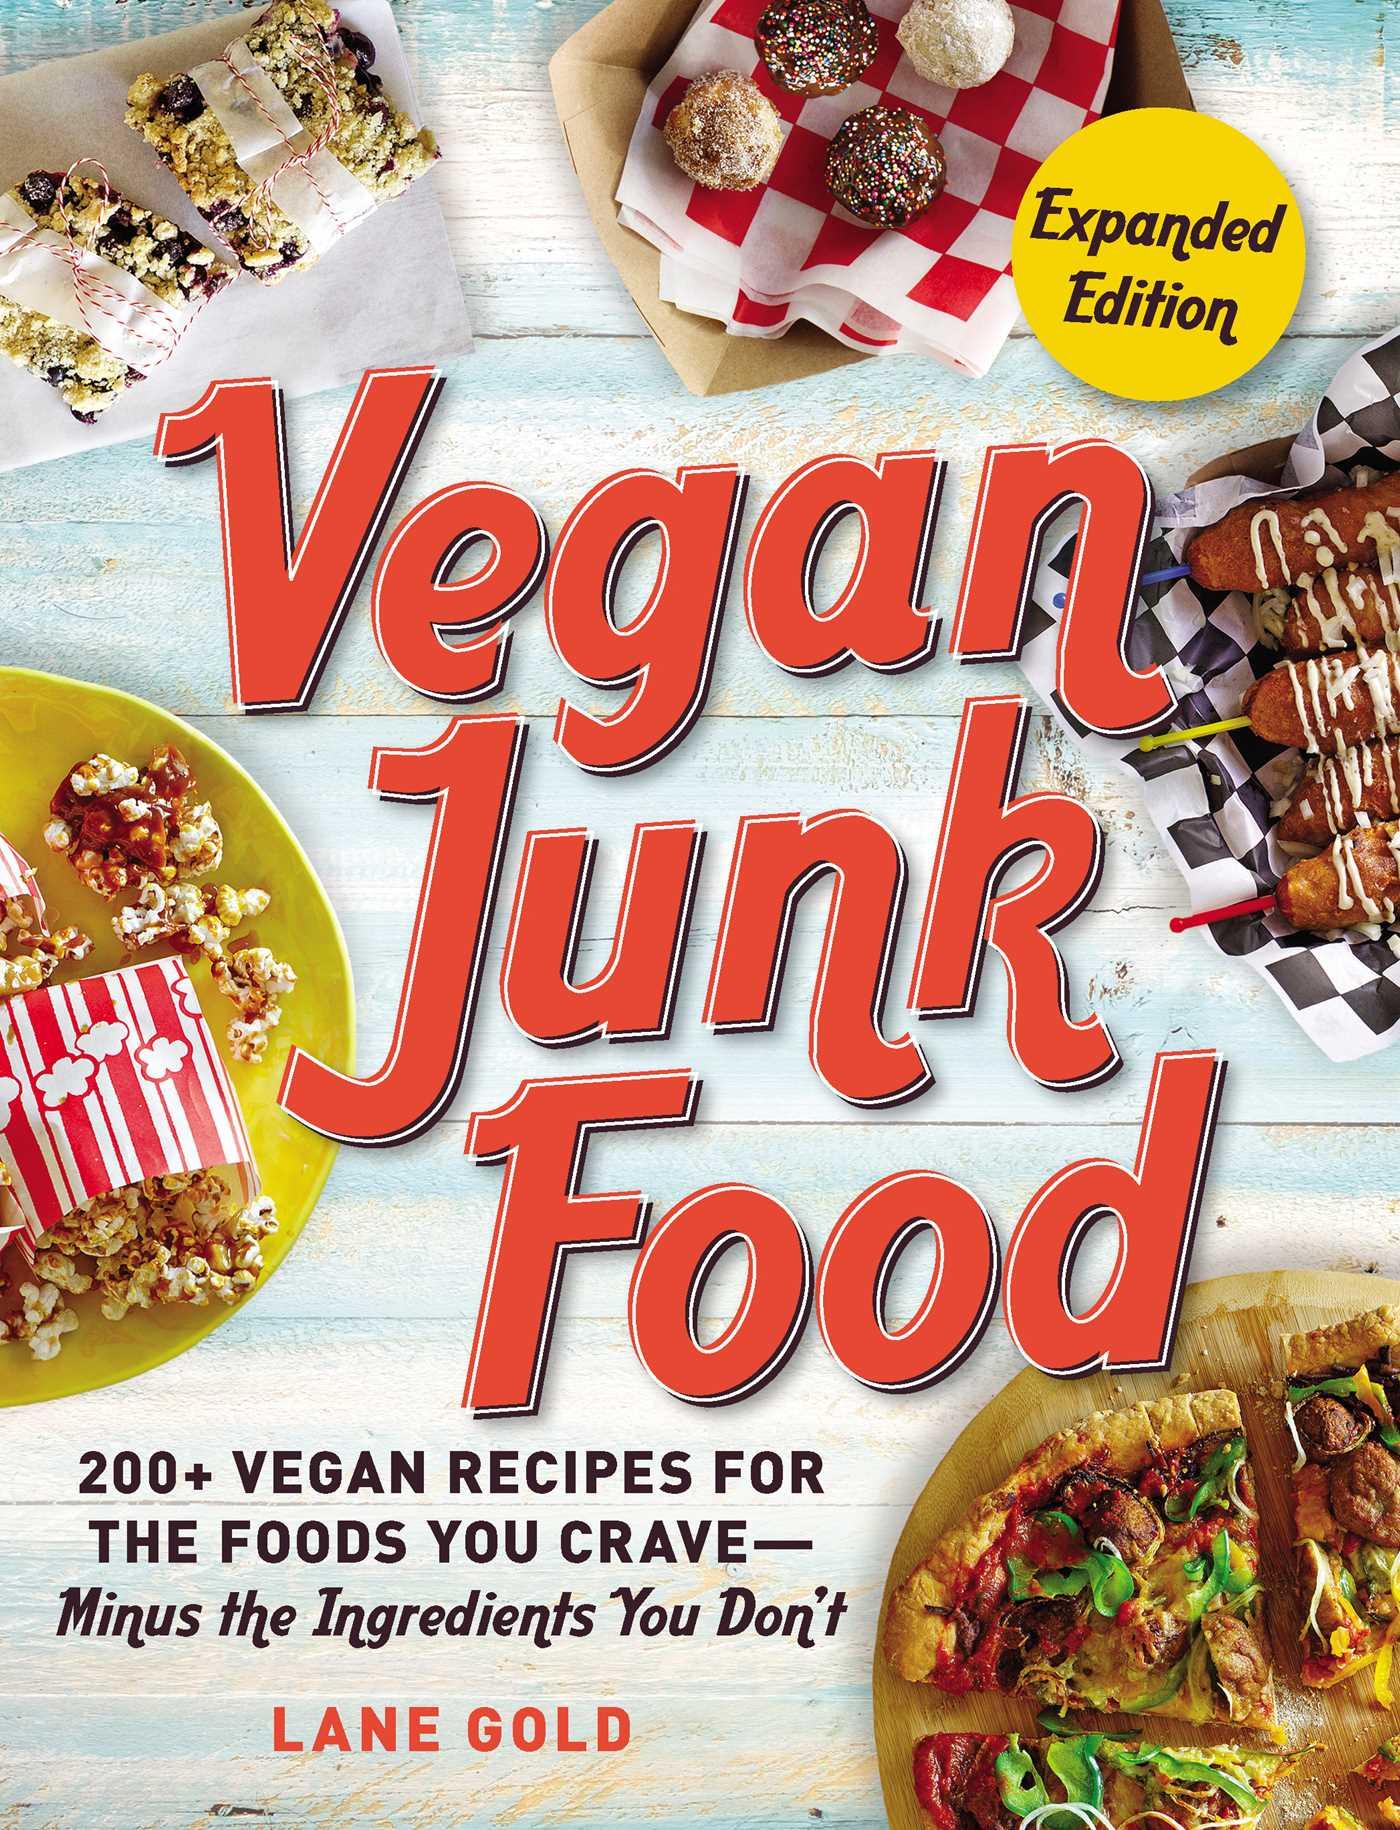 Vegan junk food expanded edition 9781507209042 hr